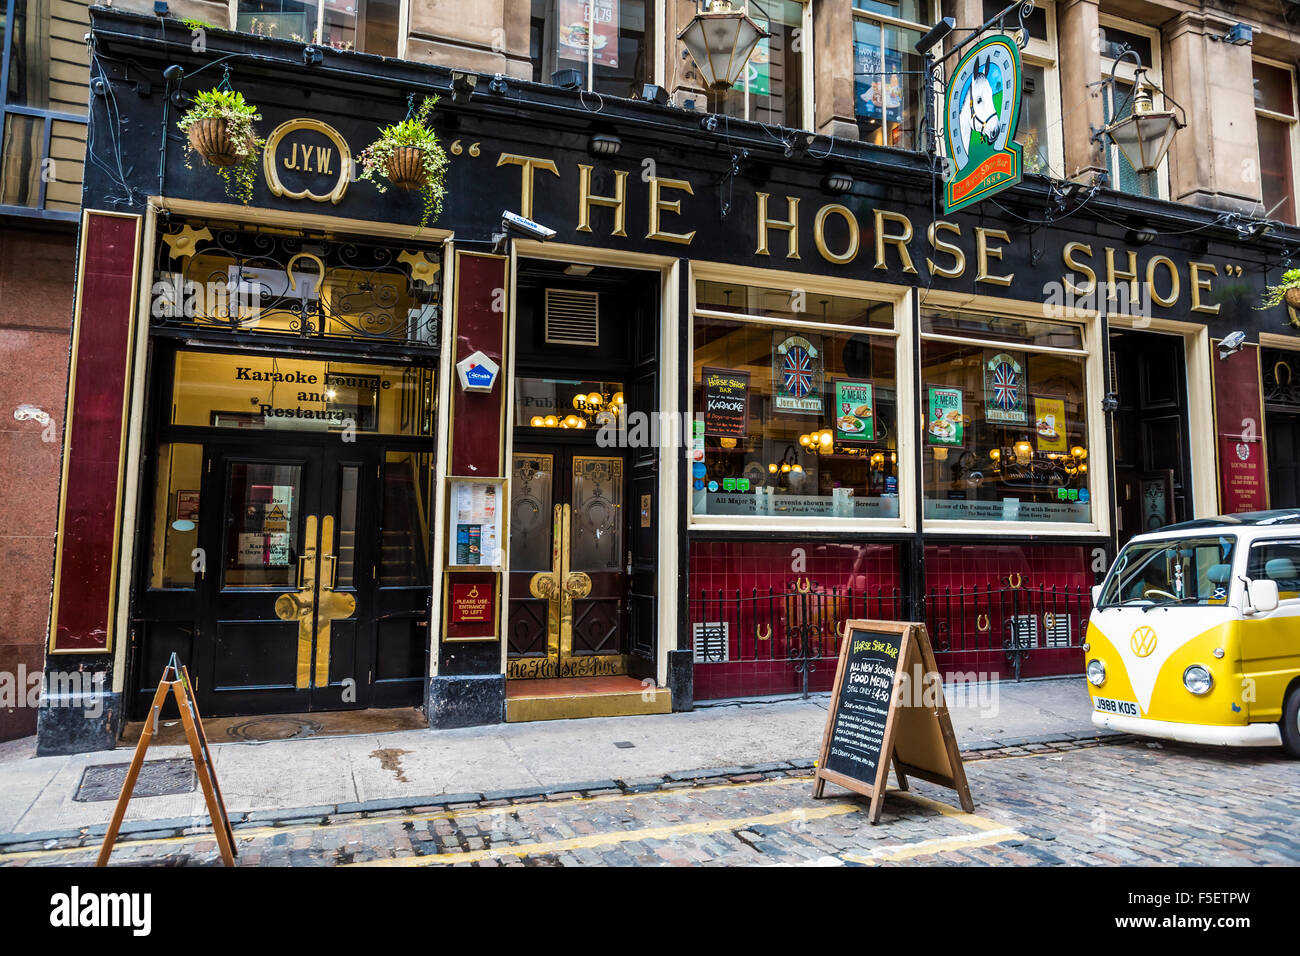 The Horse Shoe Bar en el centro de la ciudad de Glasgow, Drury Street, Escocia, Reino Unido Foto de stock